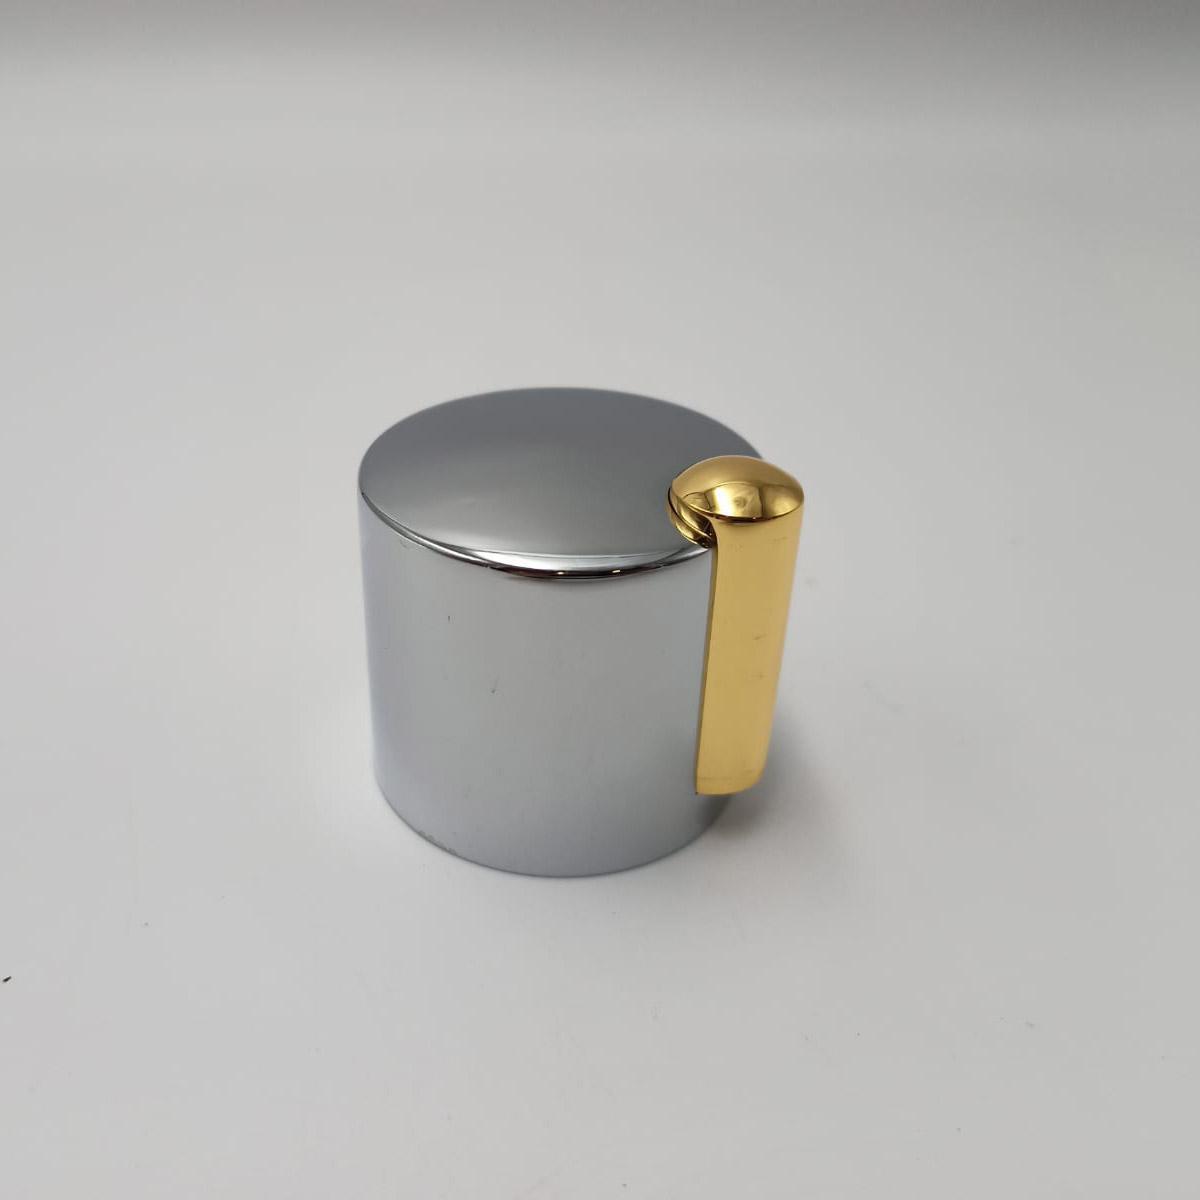 500006112 Mando Golden